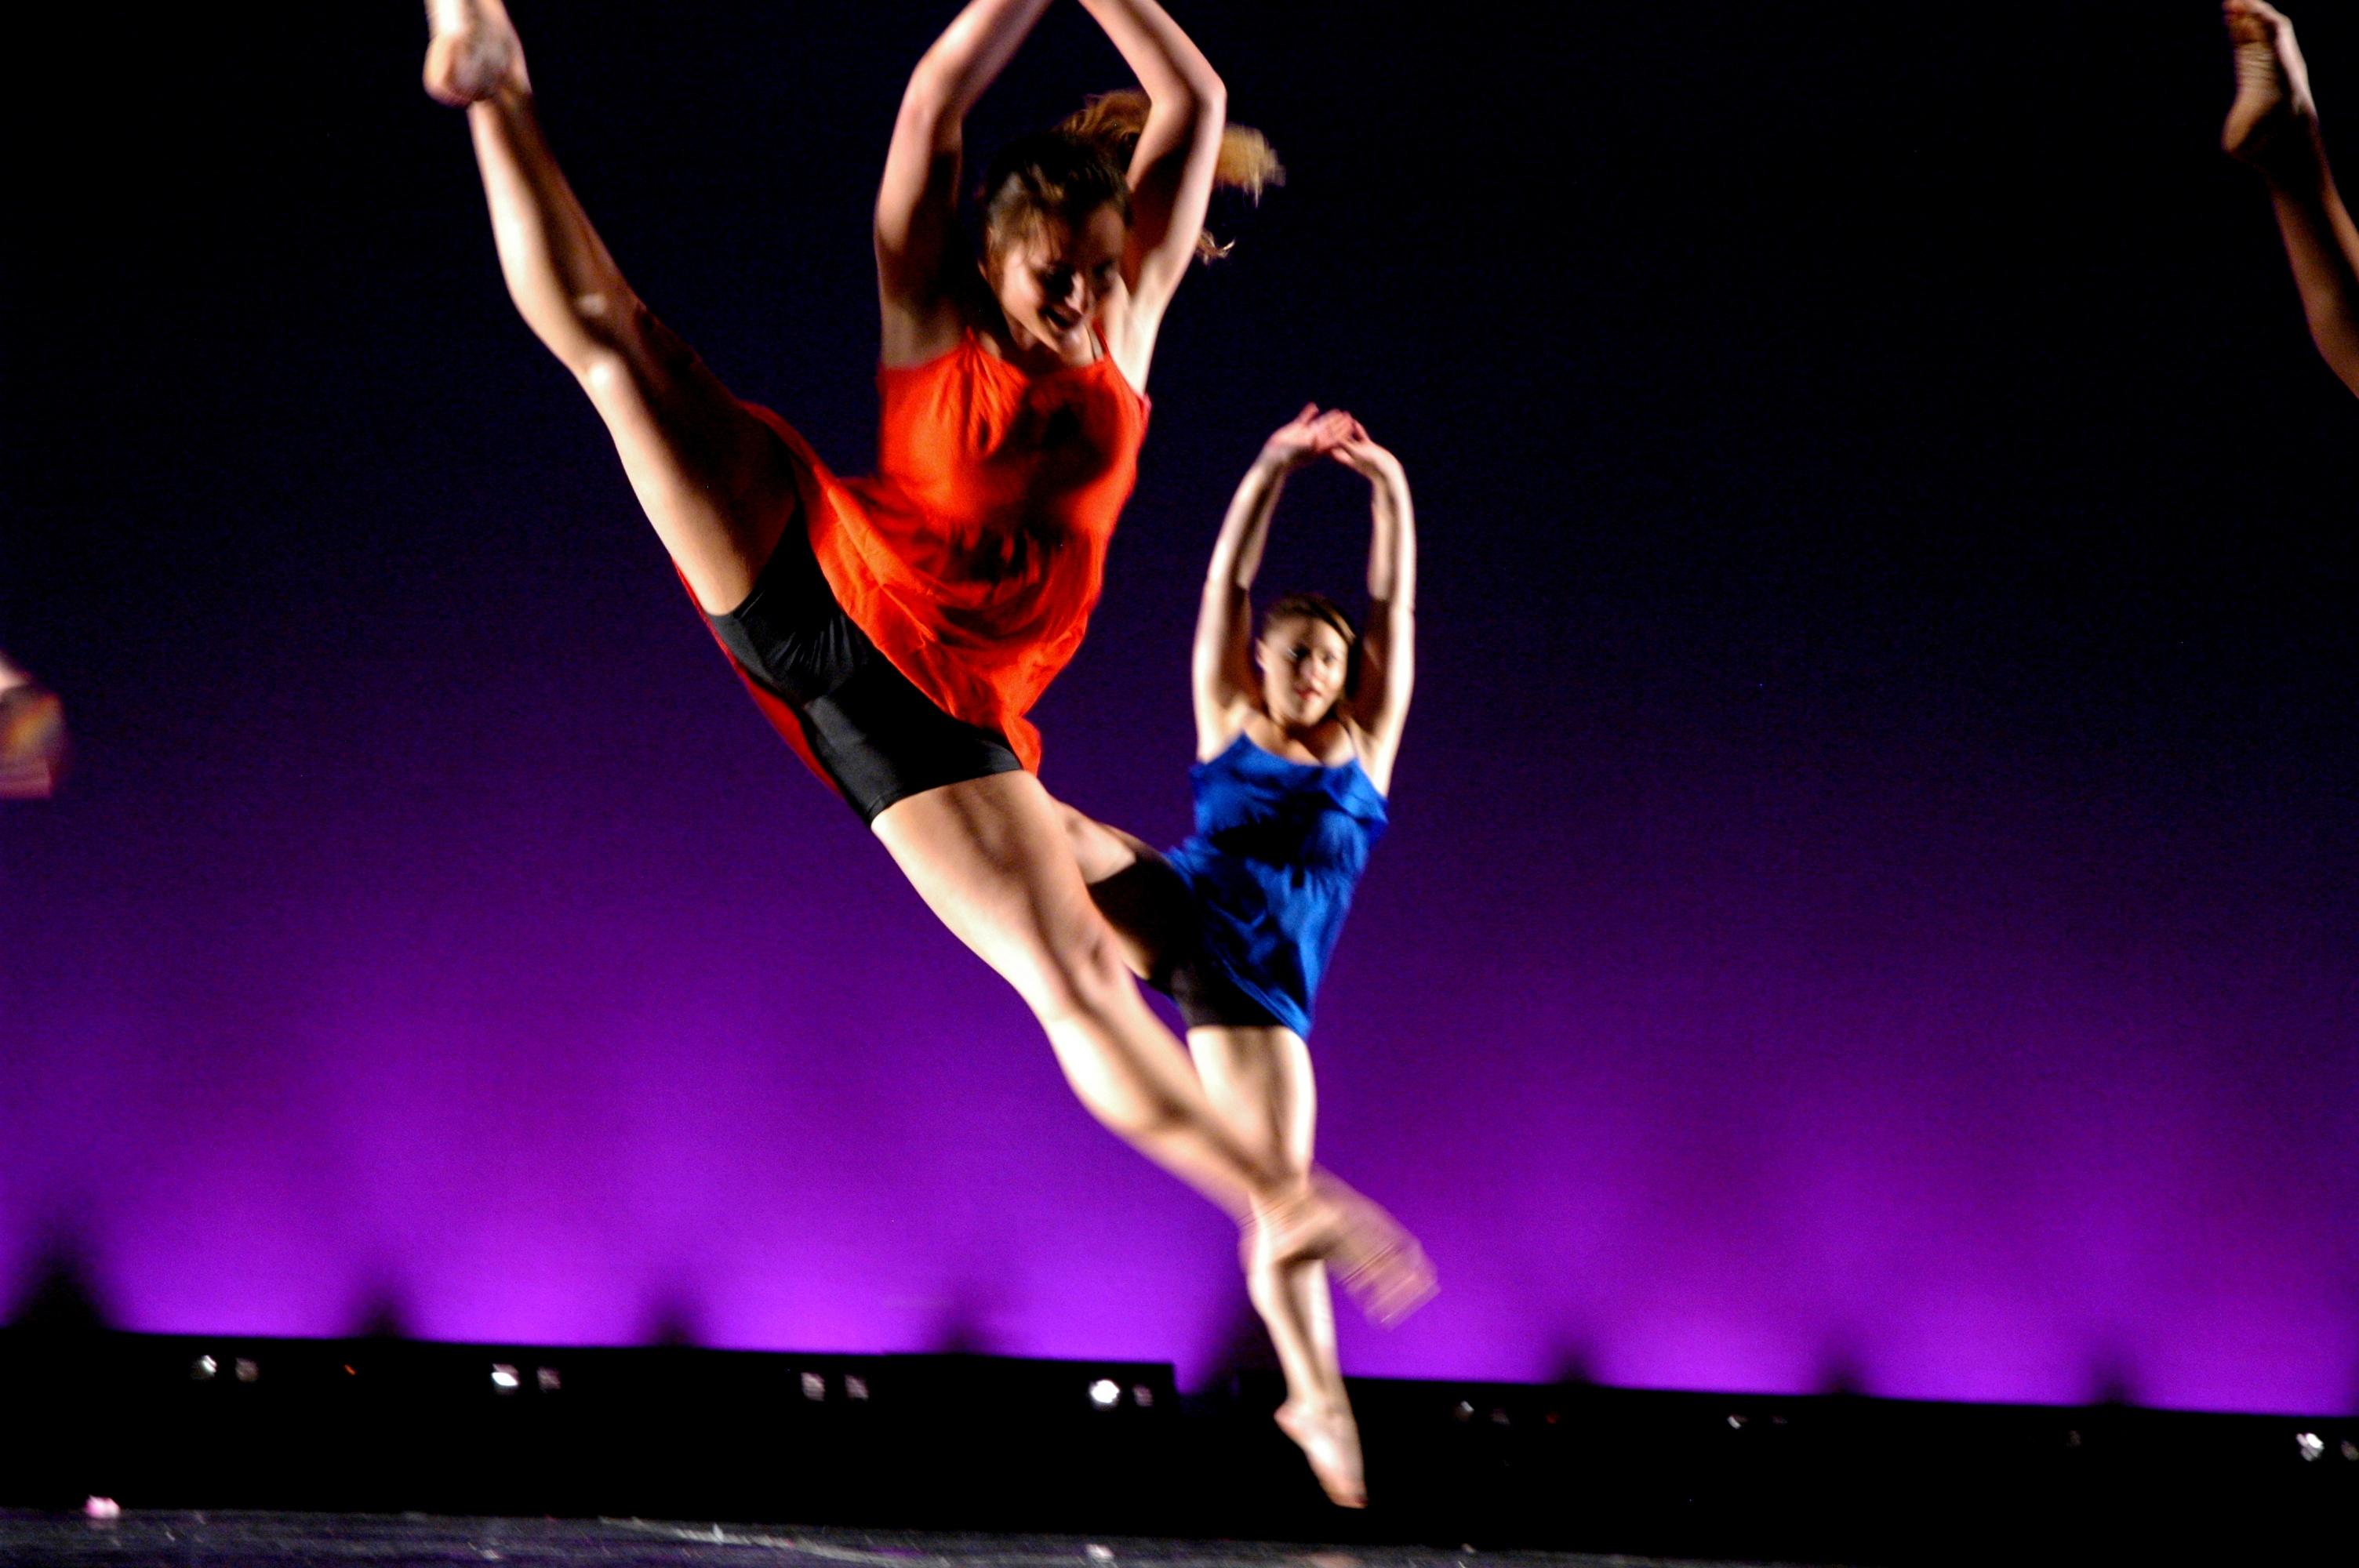 Chesterfield Dance Center - Midlothian, VA